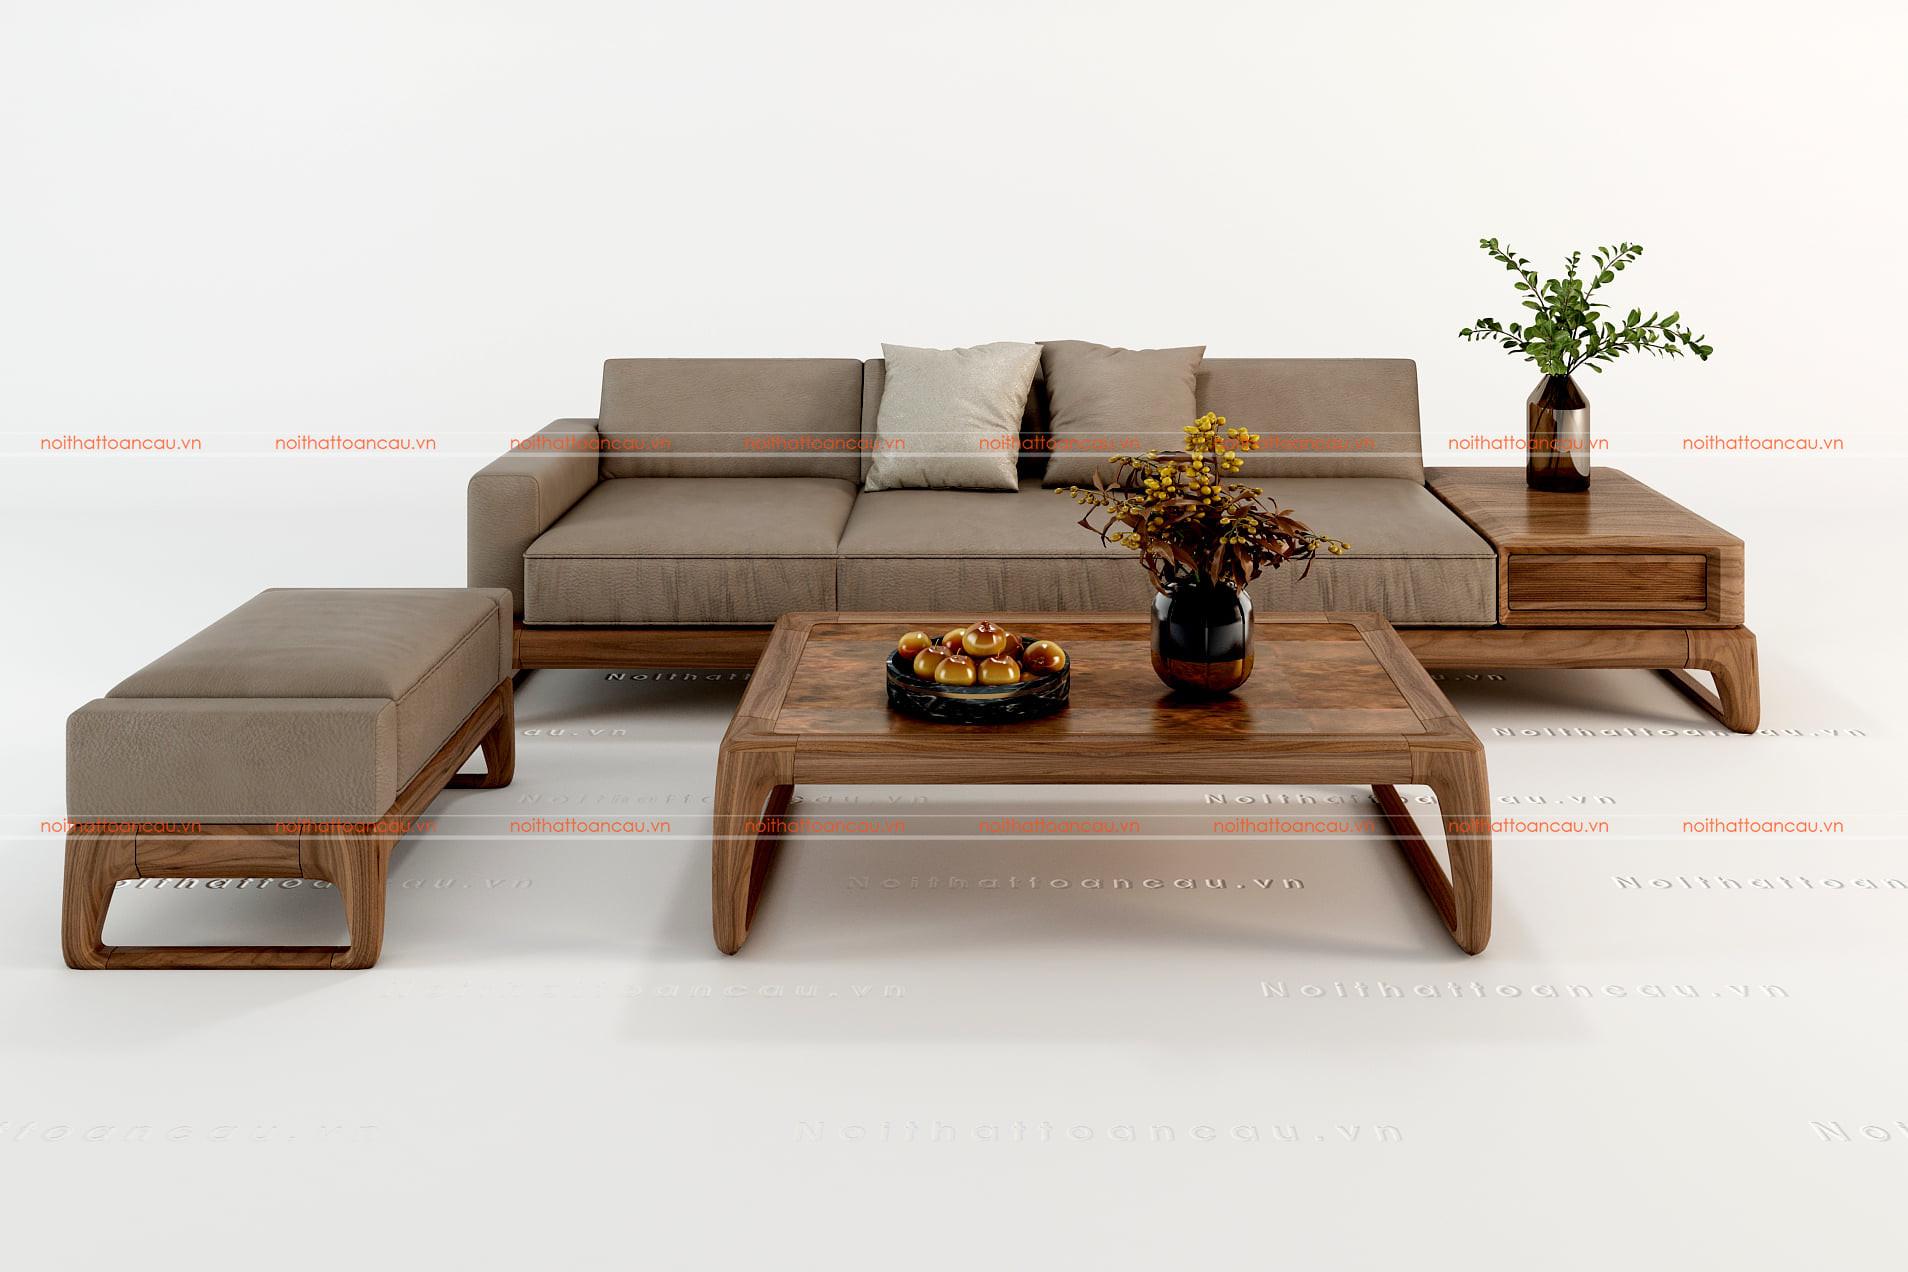 Sofa gỗ chữ i gỗ óc chó